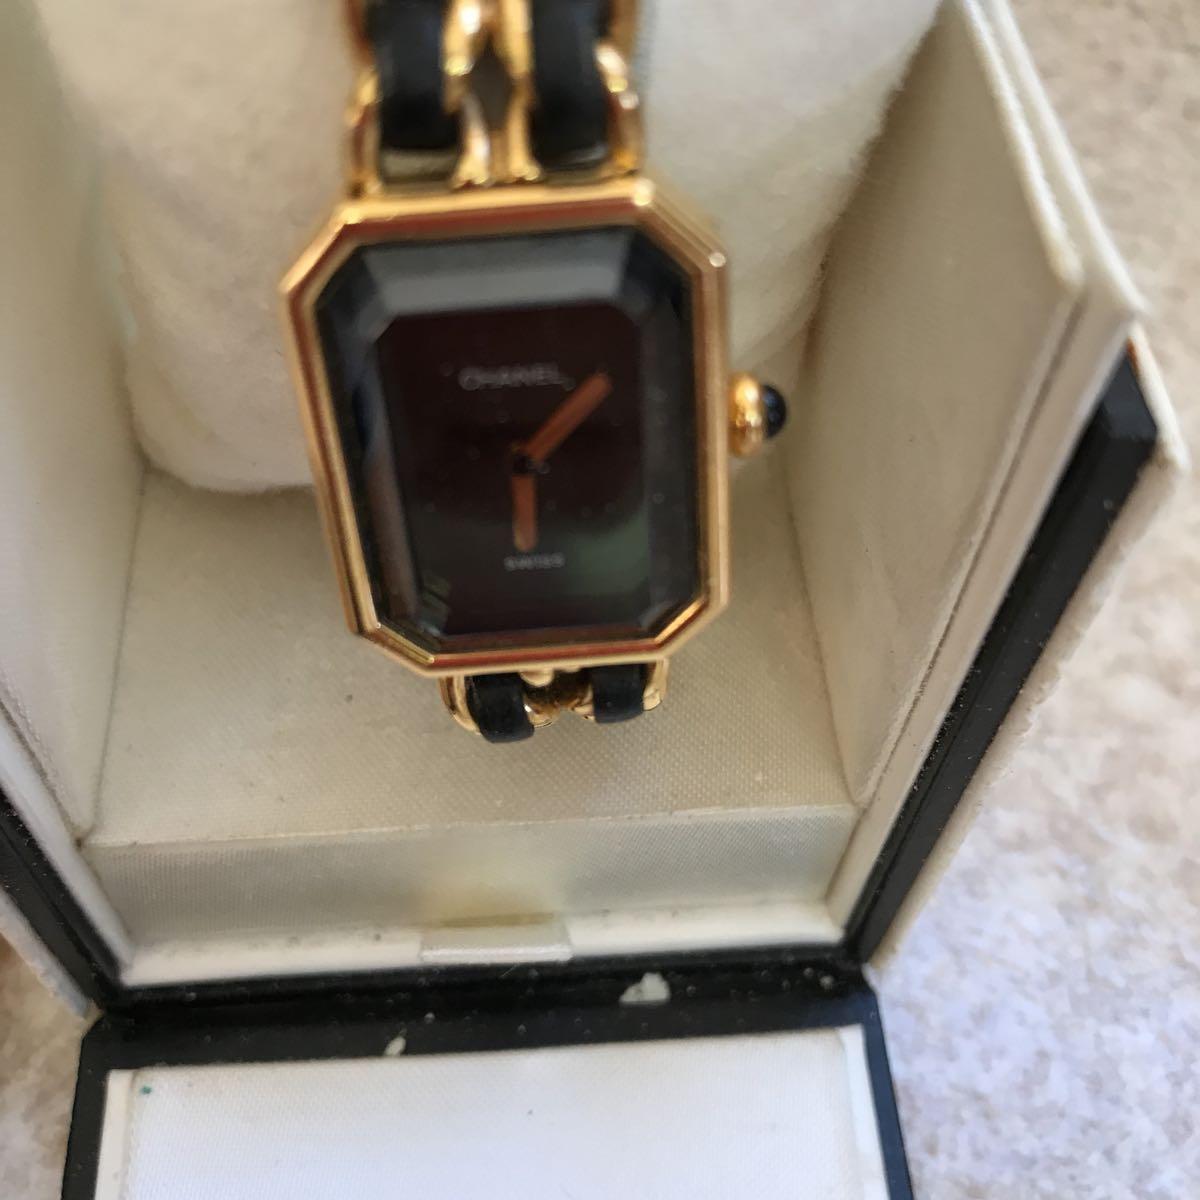 CHANEL 腕時計 プルミエール 正規品 Lサイズ_画像2